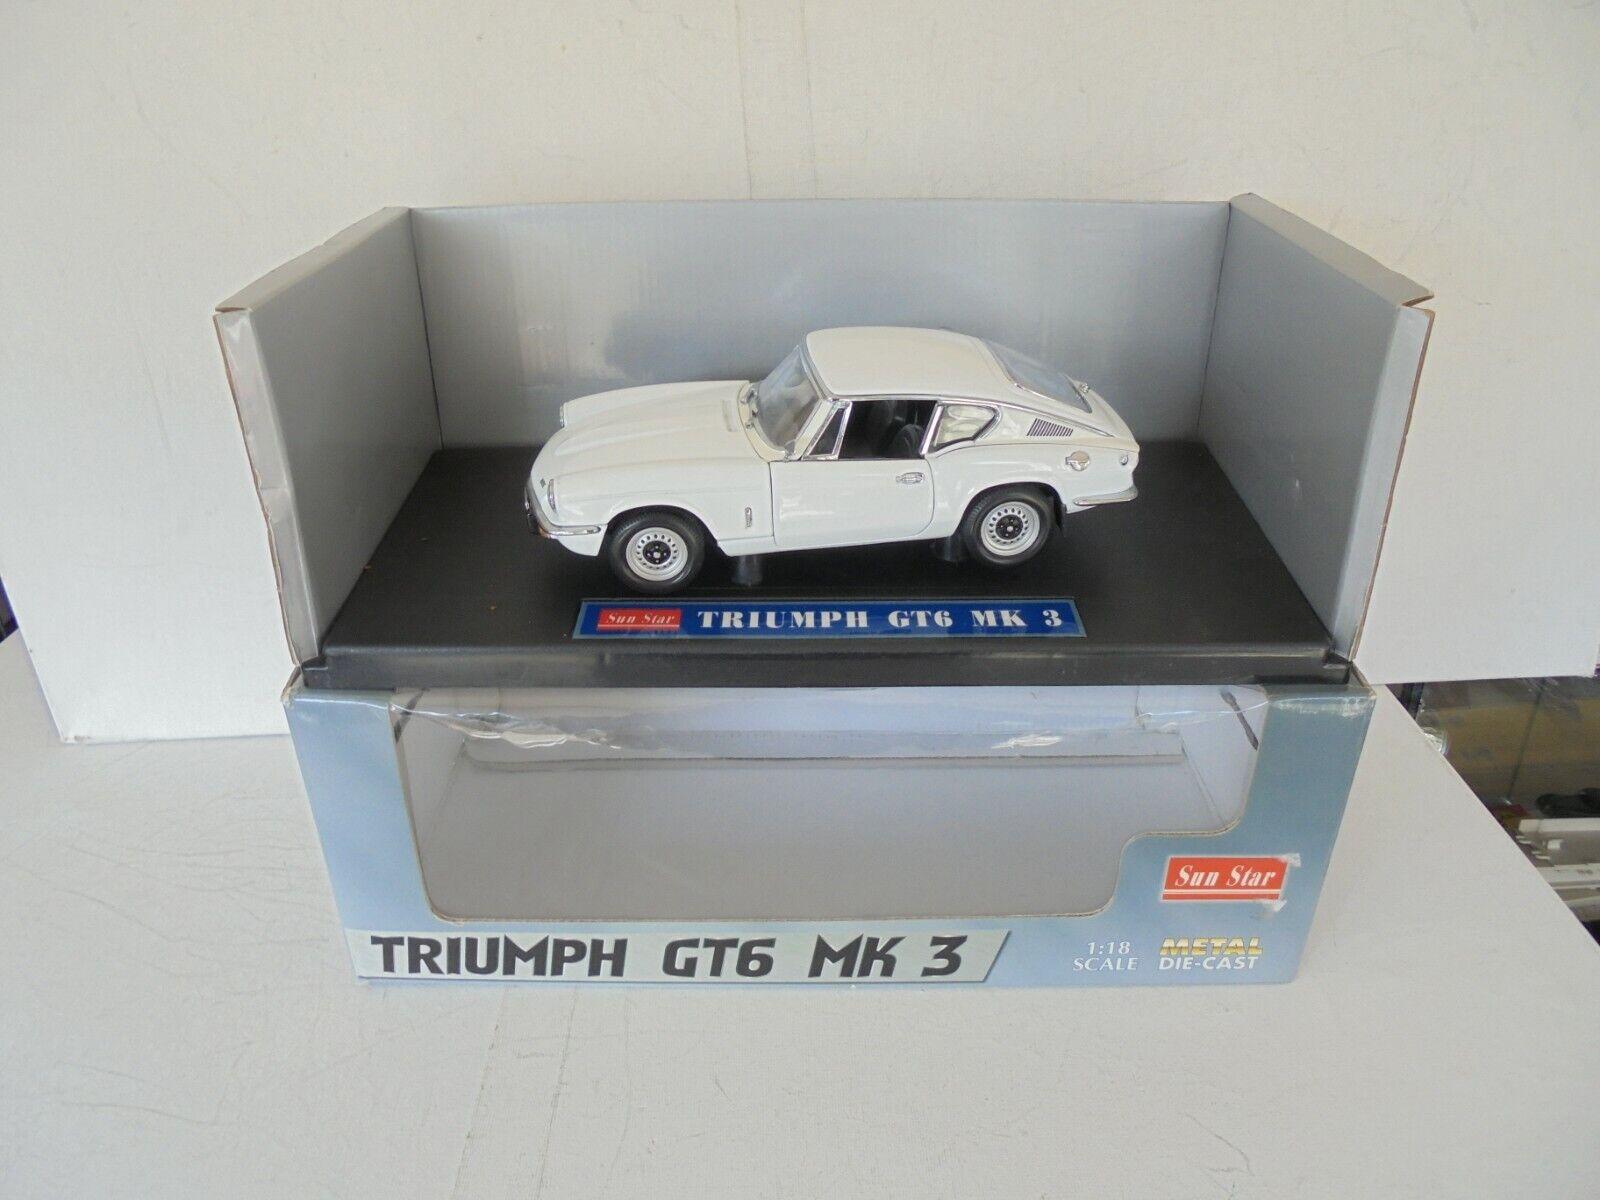 barato y de moda SunEstrella 1 18 Scale Diecast - - - 1057 Triumph GT6 MK3 blanco N Mint  IN box  ventas al por mayor